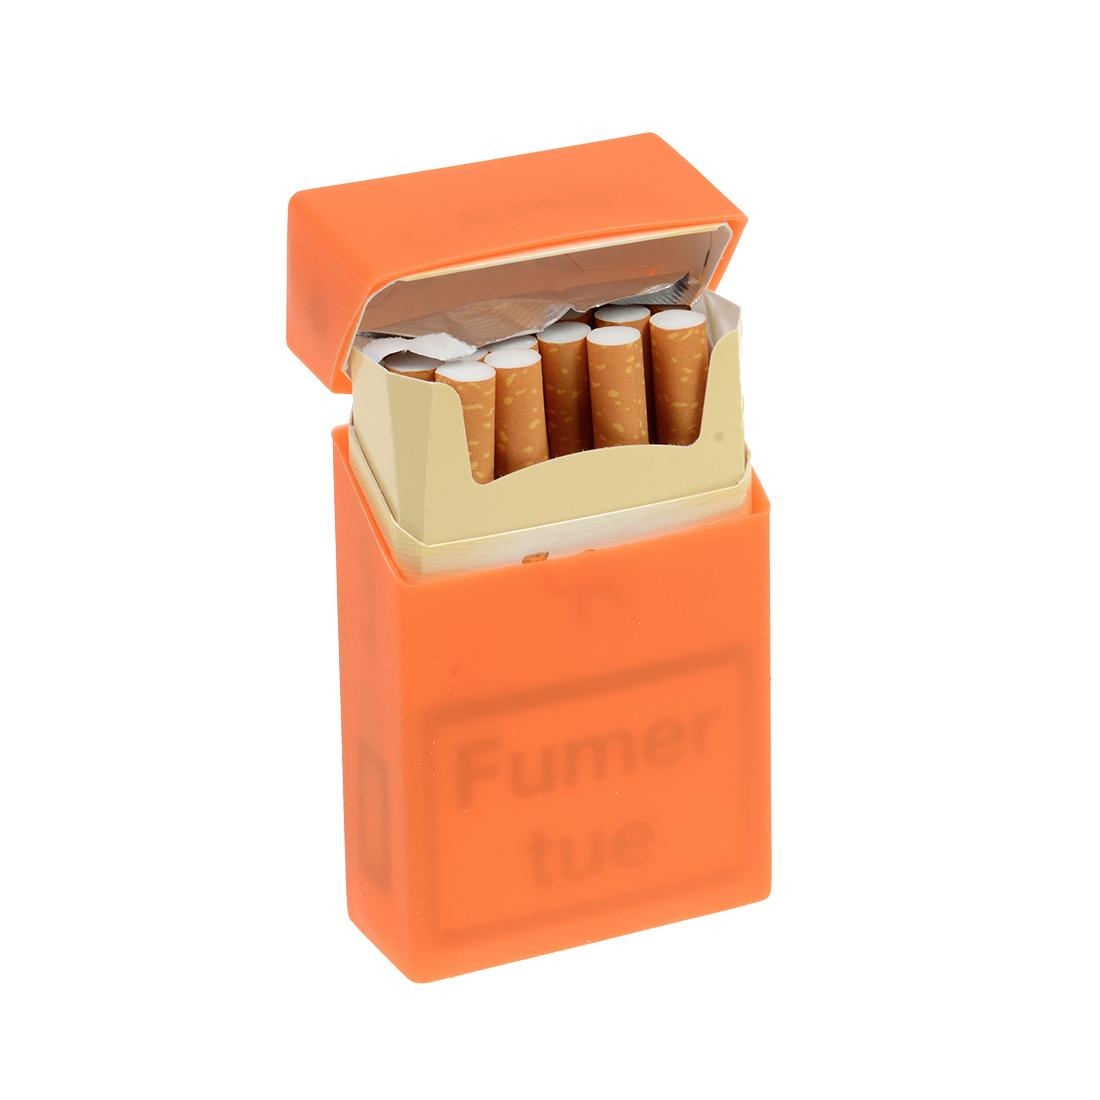 etui pour paquet de cigarettes